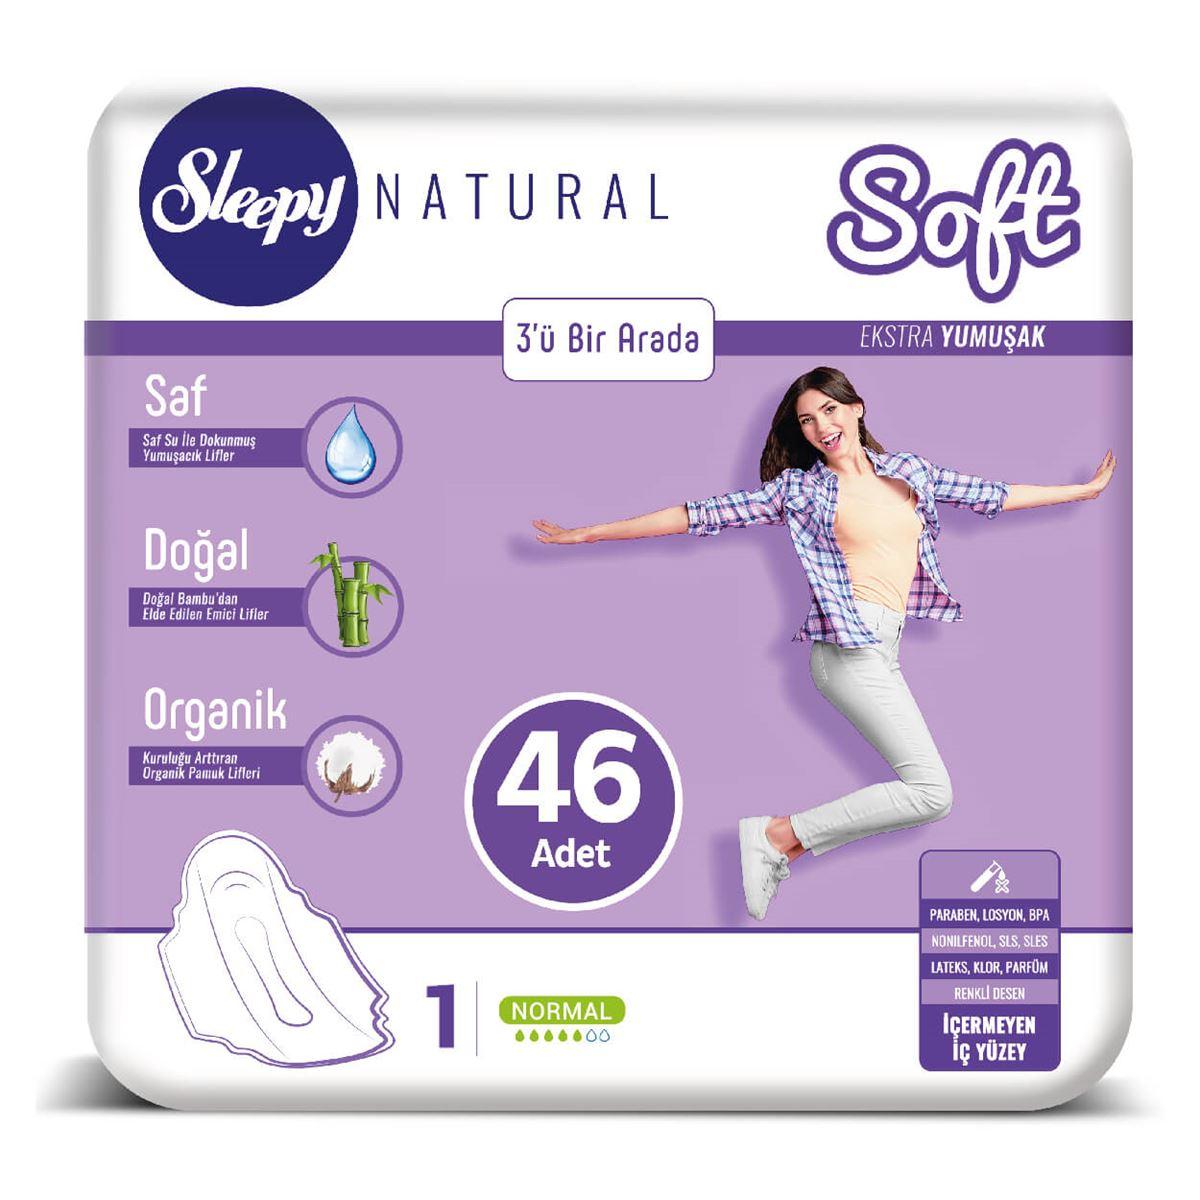 Sleepy Natural SOFT Ekstra Yumuşak Normal 46 PED